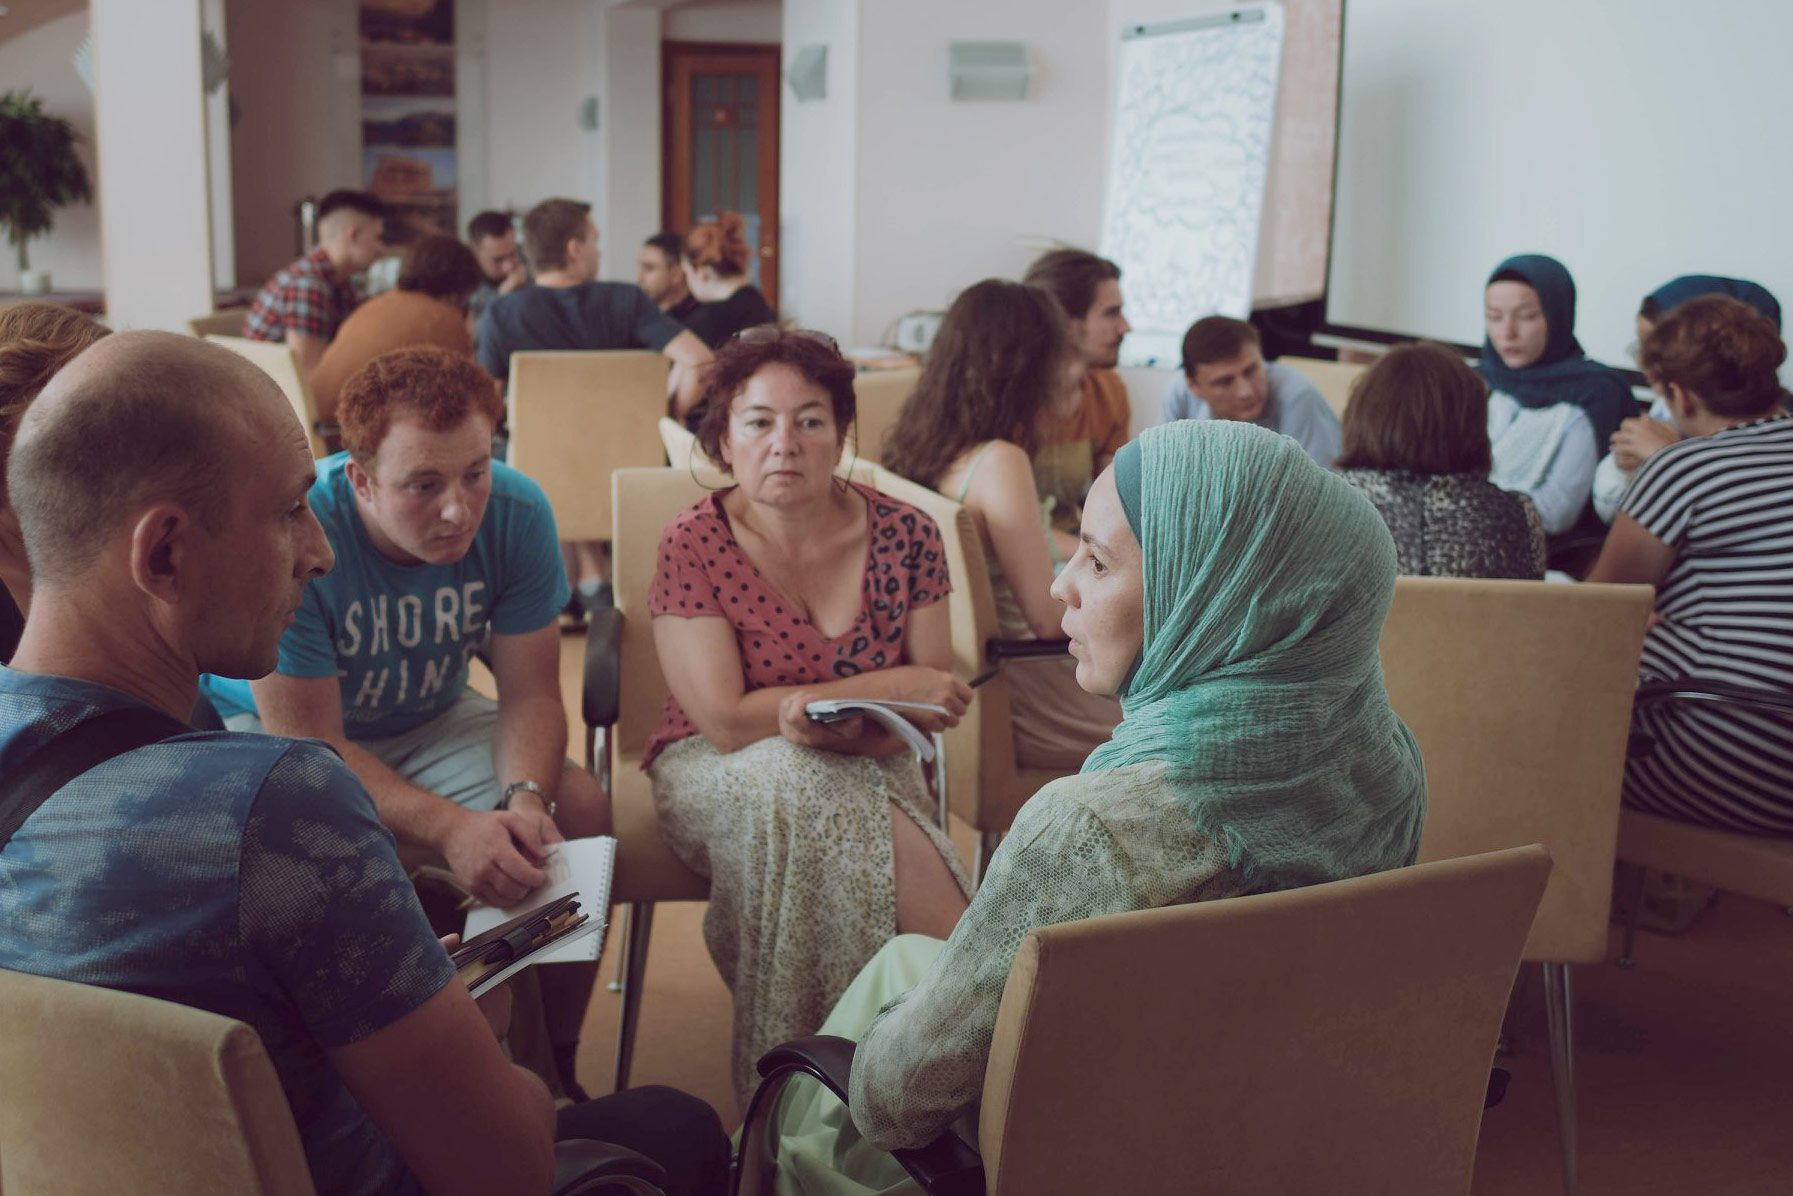 stan002 - <b>Амбасадори різноманіття.</b> Як активісти зі всієї України просувають толерантність - Заборона